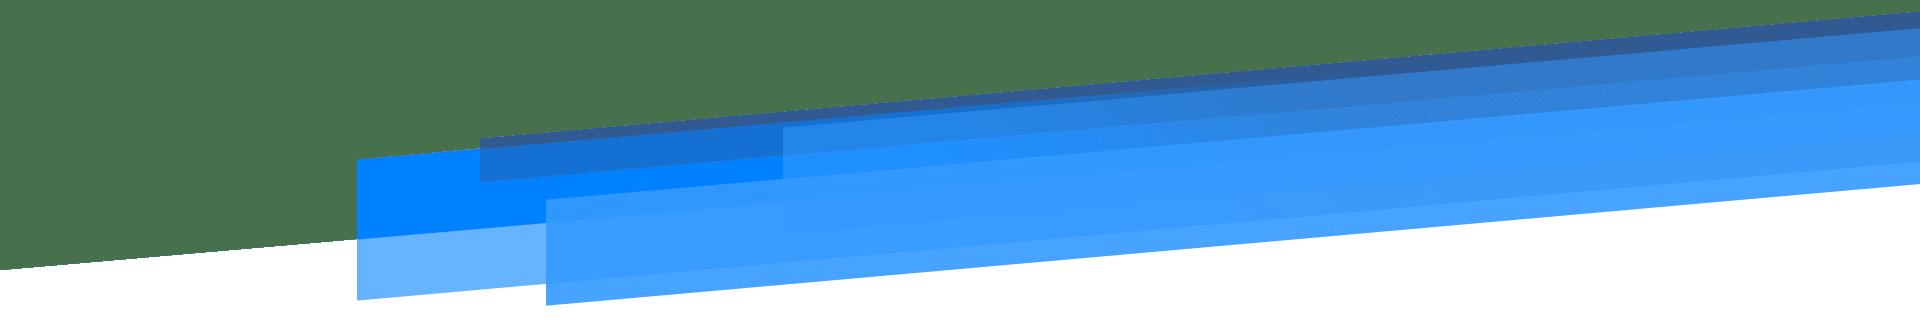 company overlay